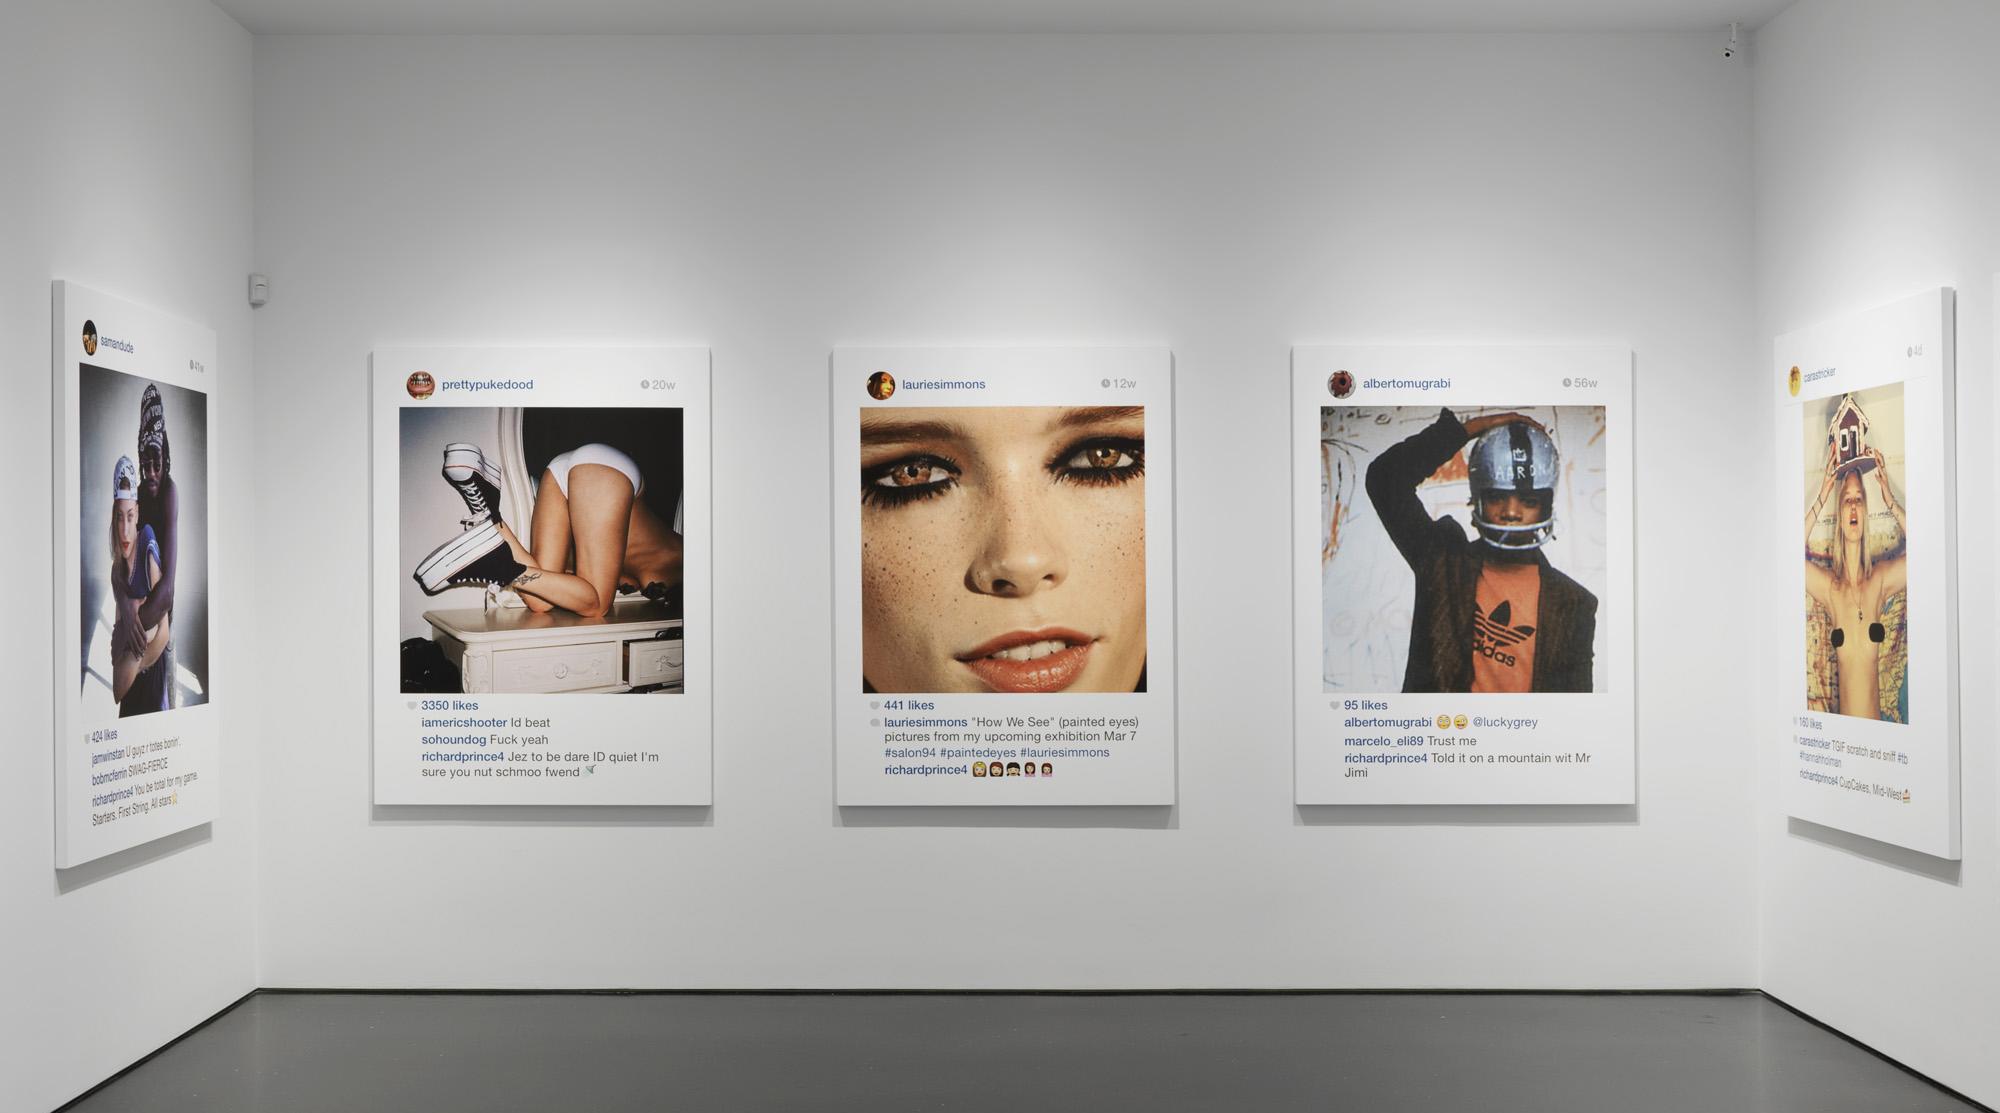 Kontroverzní umělec krade snímky z Instagramu a vydělává na nich jmění